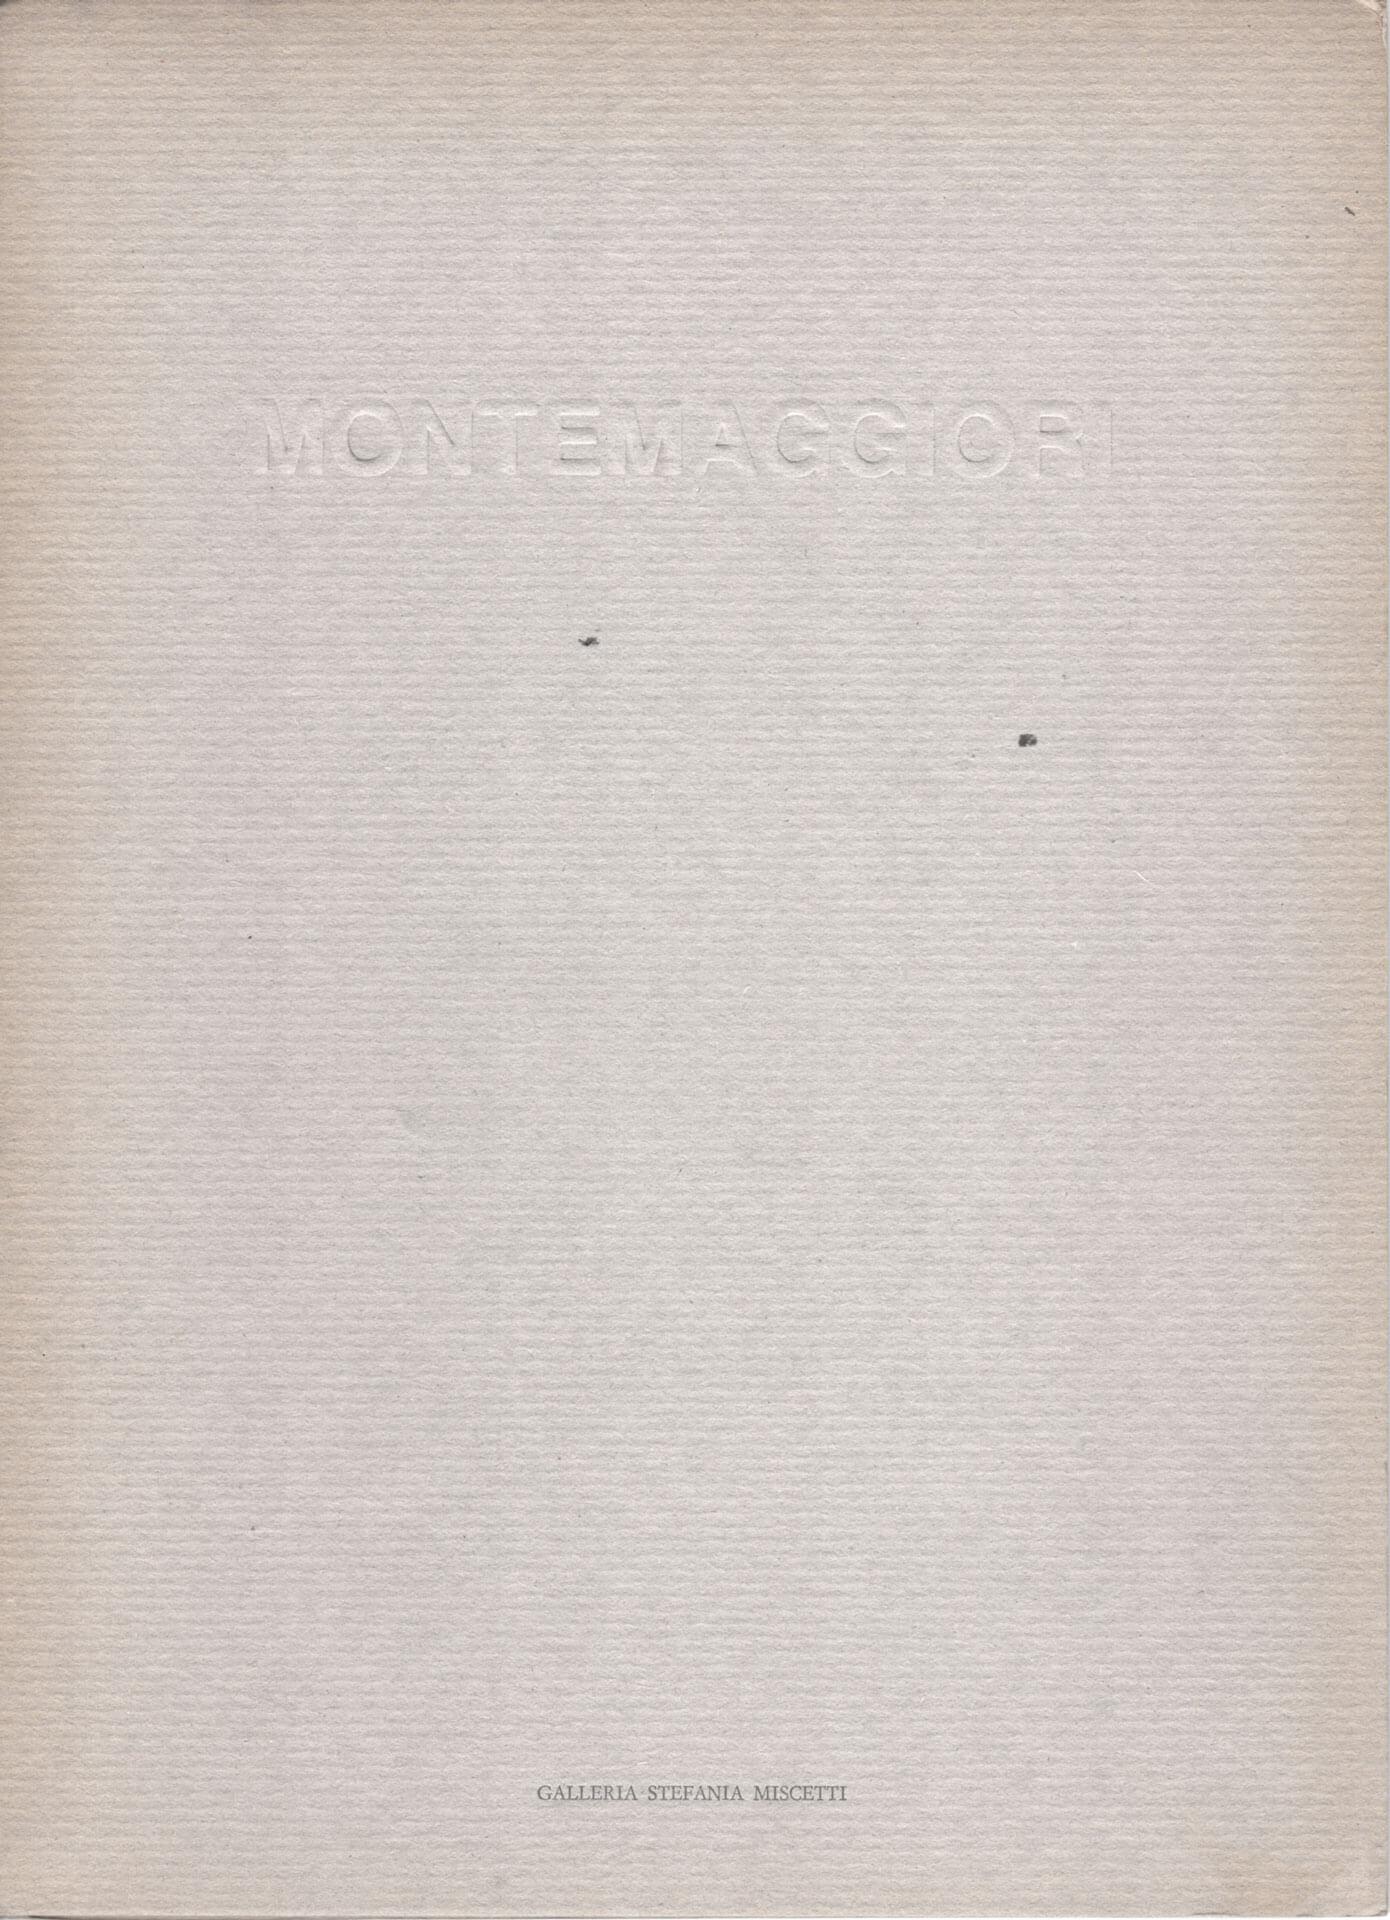 Studio Stefania Miscetti | Catalogues | Teressa Montemaggiori | Brekekeké. La rana è senza perché